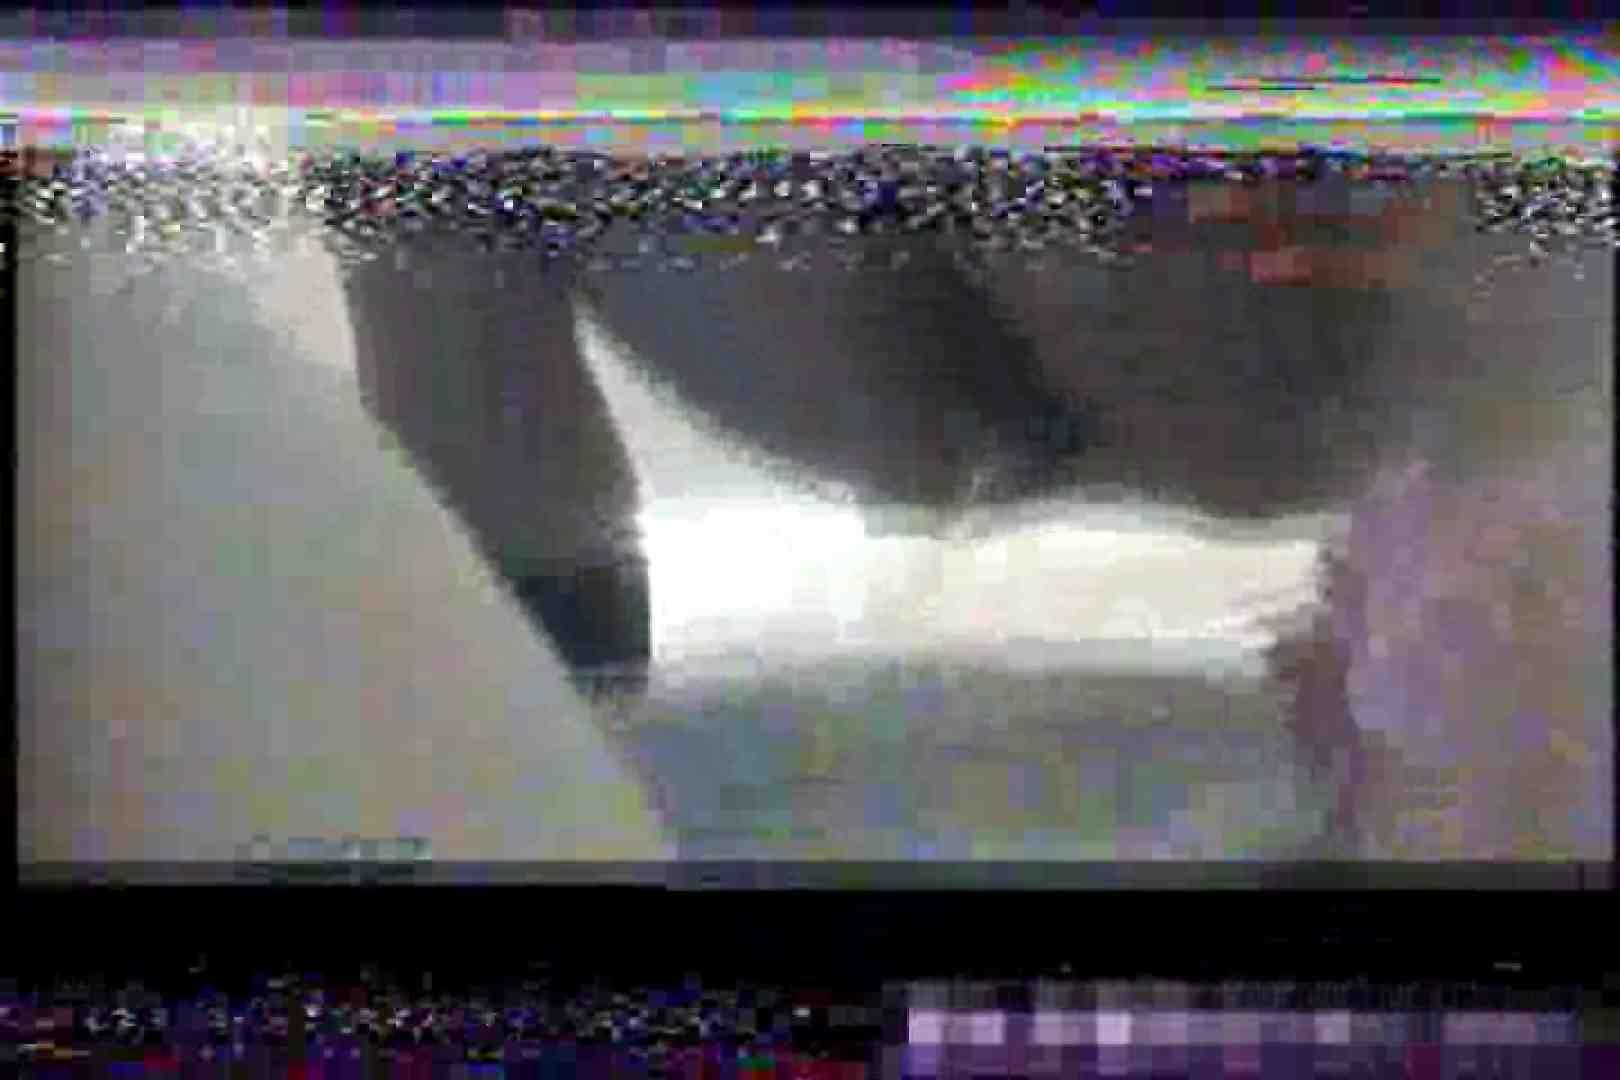 2点盗撮洗面所潜入レポートVol.1 盗撮師作品 オマンコ動画キャプチャ 73pic 67